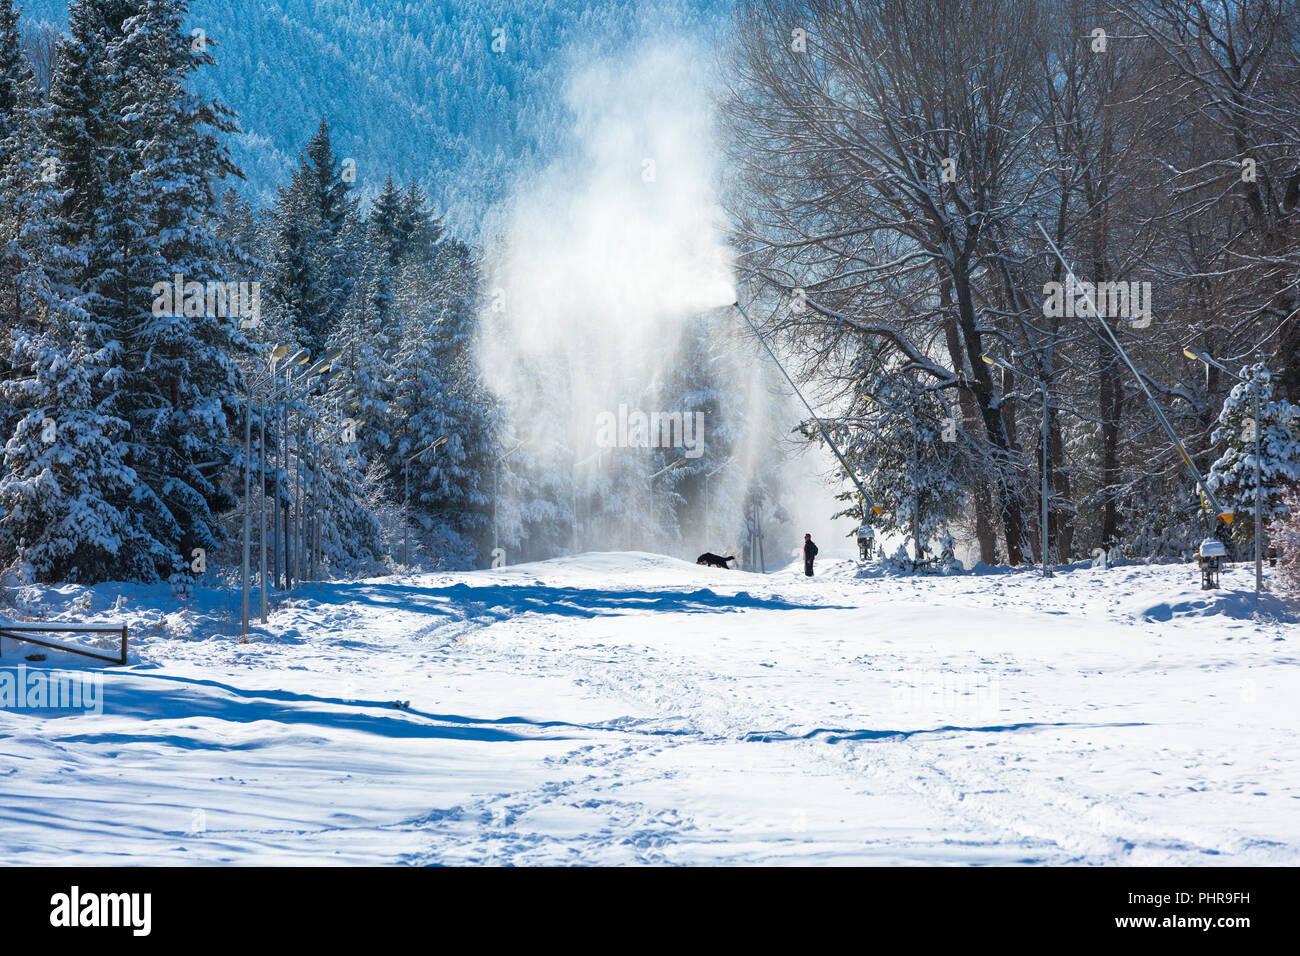 Stazione sciistica invernale paesaggio e canoni di neve a Bansko, Bulgaria Immagini Stock